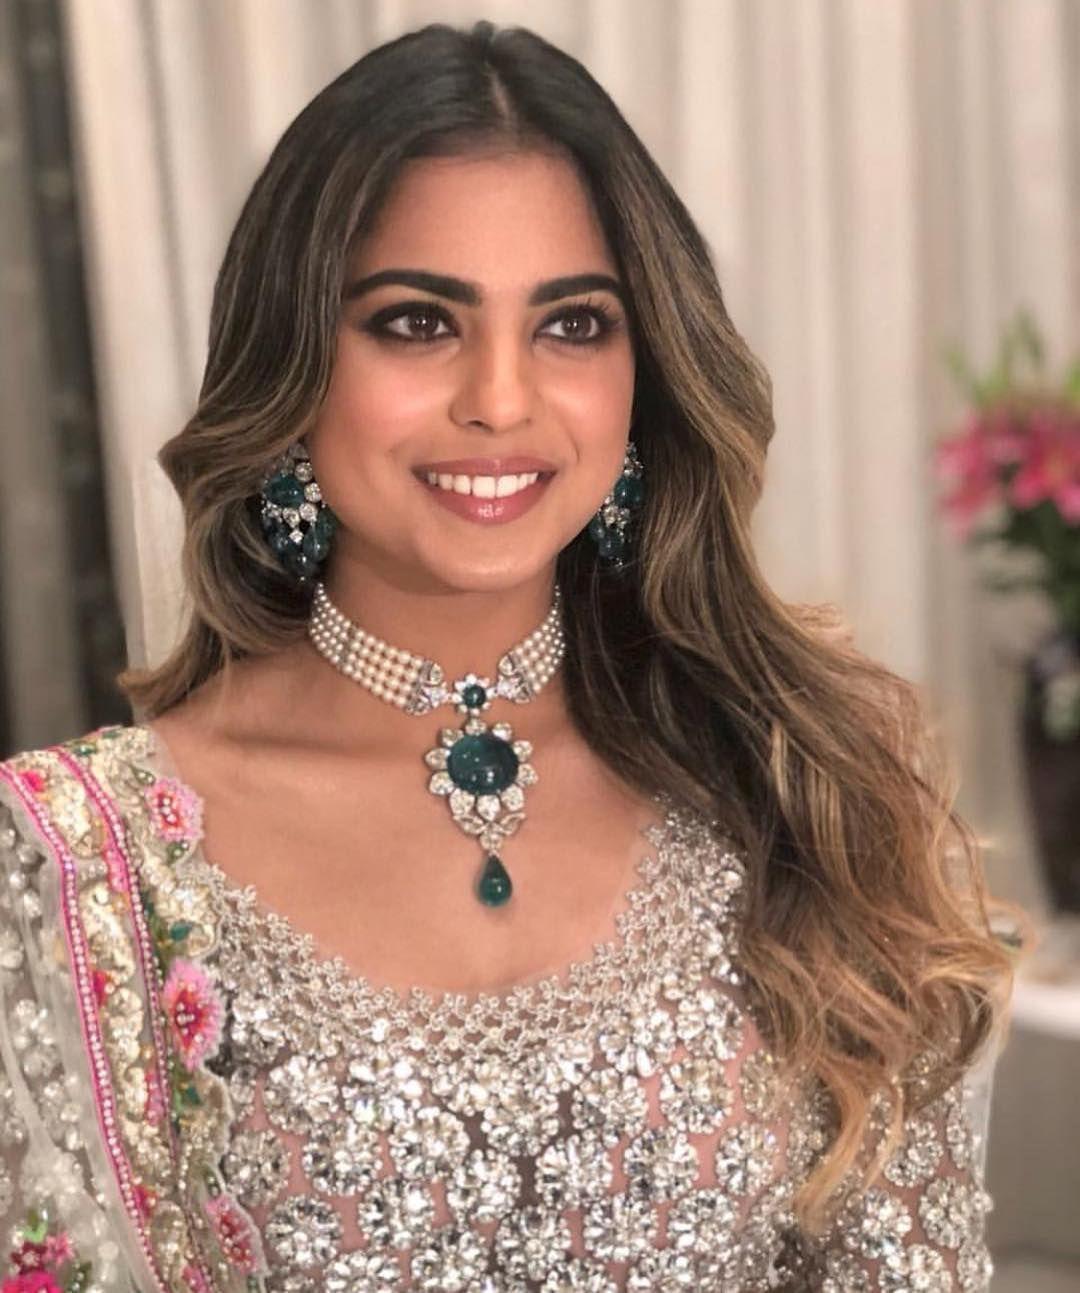 Wedding Guest Small But Impactful Jewellery Is The Way To Go Akustoletheshlo Ambaniwedding Anitilia Vardannayak